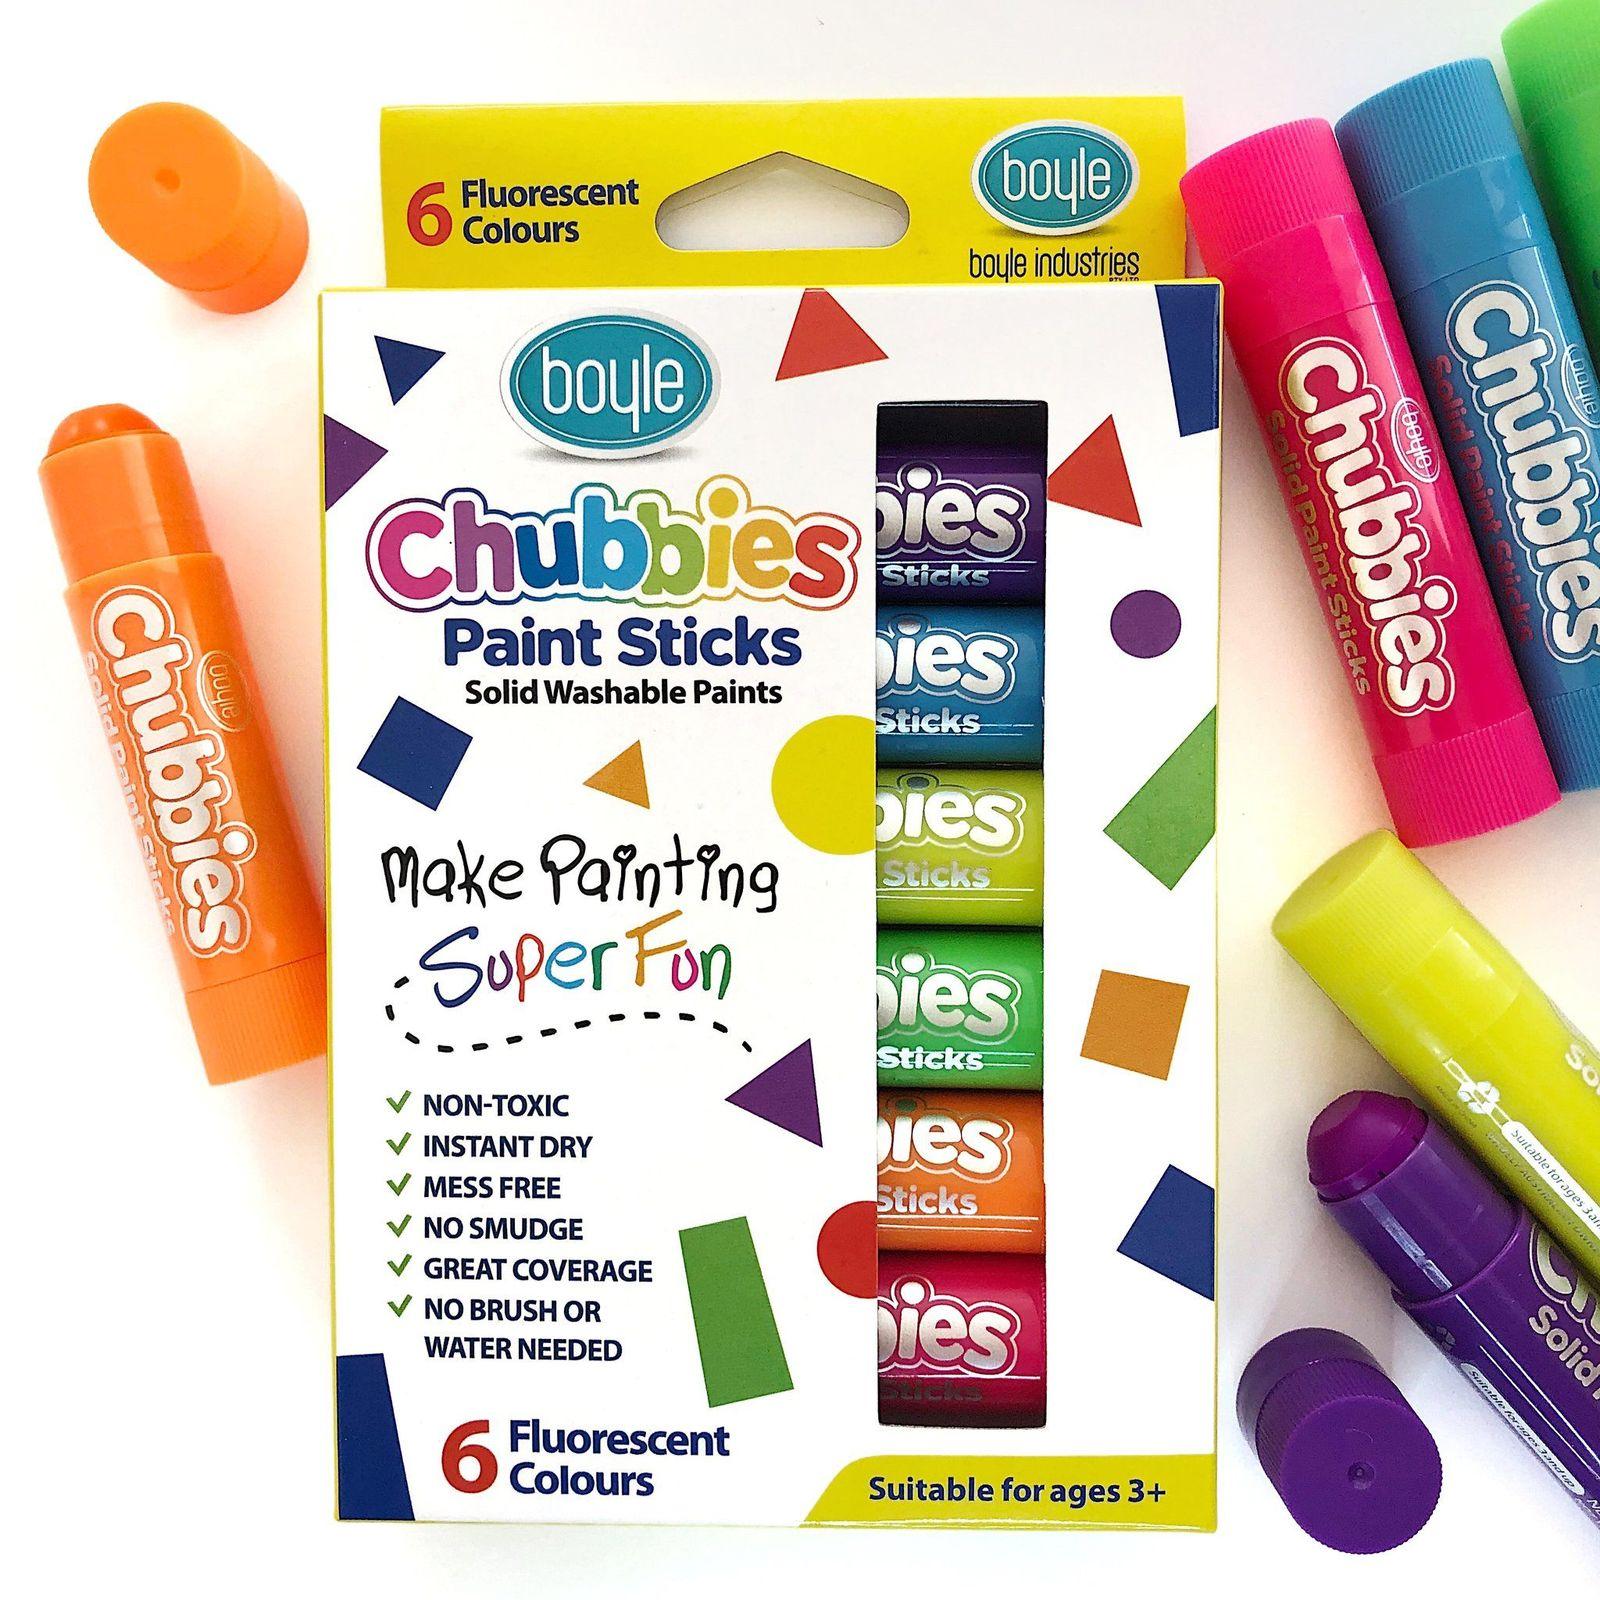 Boyle: Chubbies Paint Sticks Set (6) image